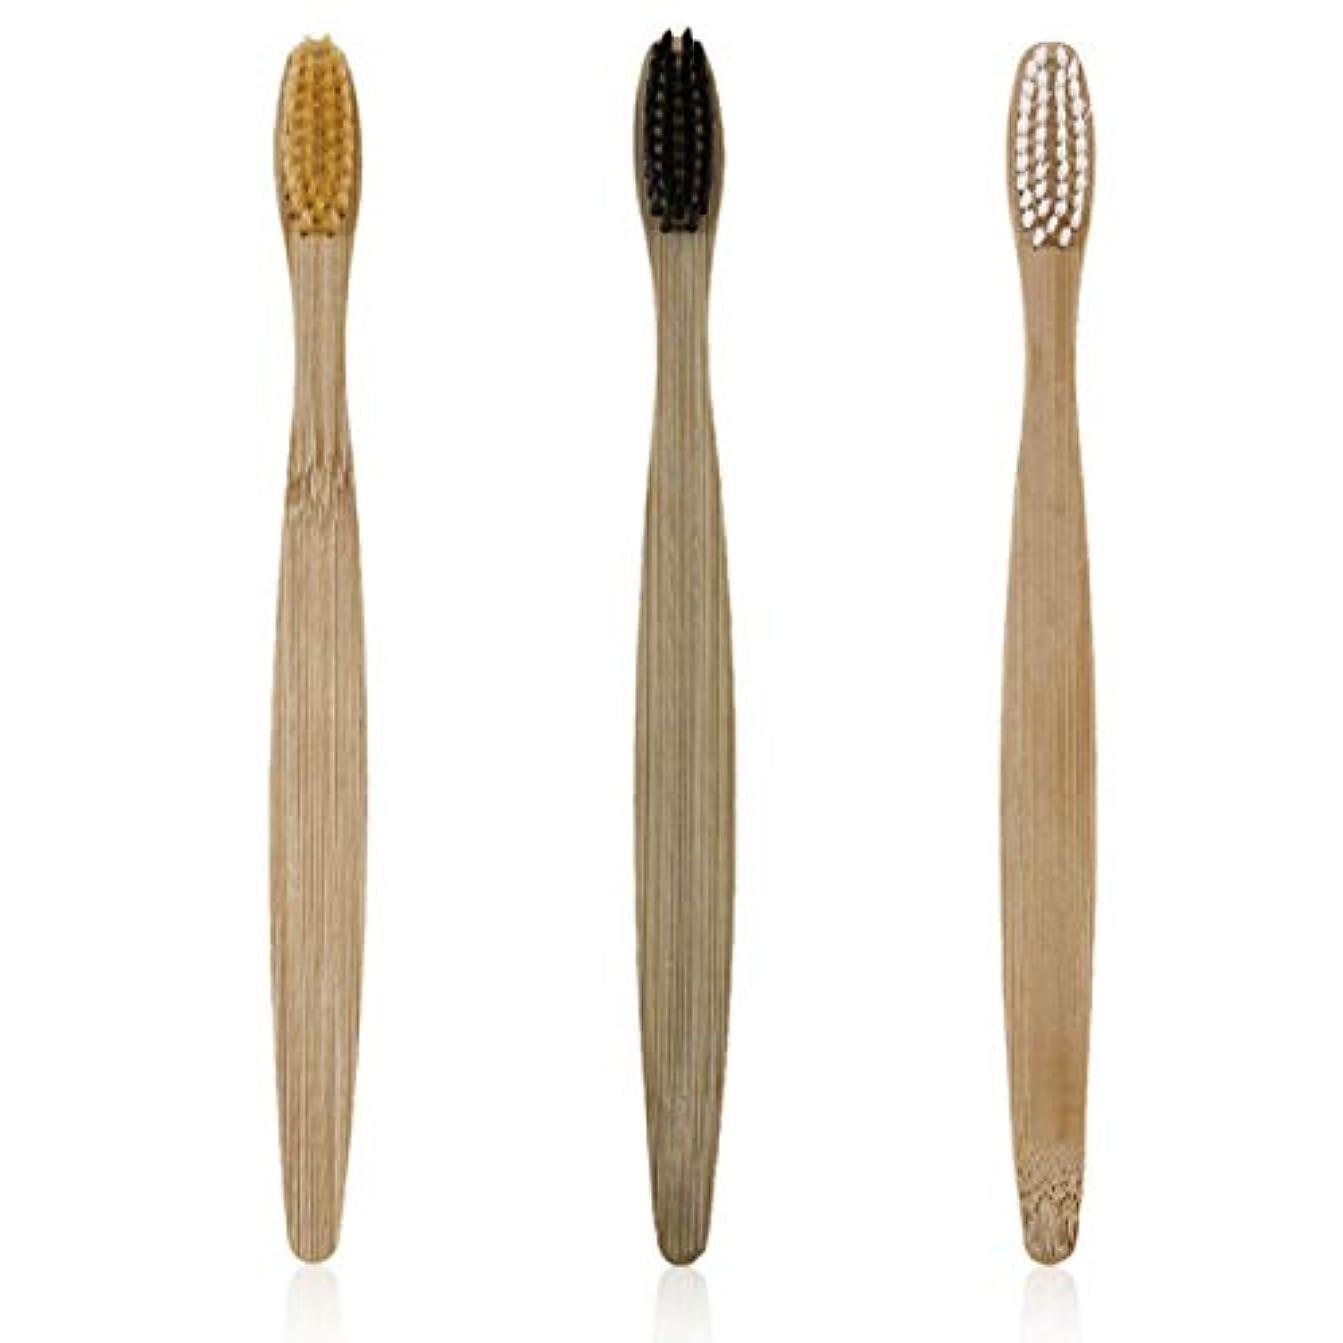 制限された風邪をひく説得3本/セット環境に優しい木製の歯ブラシ竹の歯ブラシ柔らかい竹繊維の木製のハンドル低炭素環境に優しい - ブラック/ホワイト/イエロー